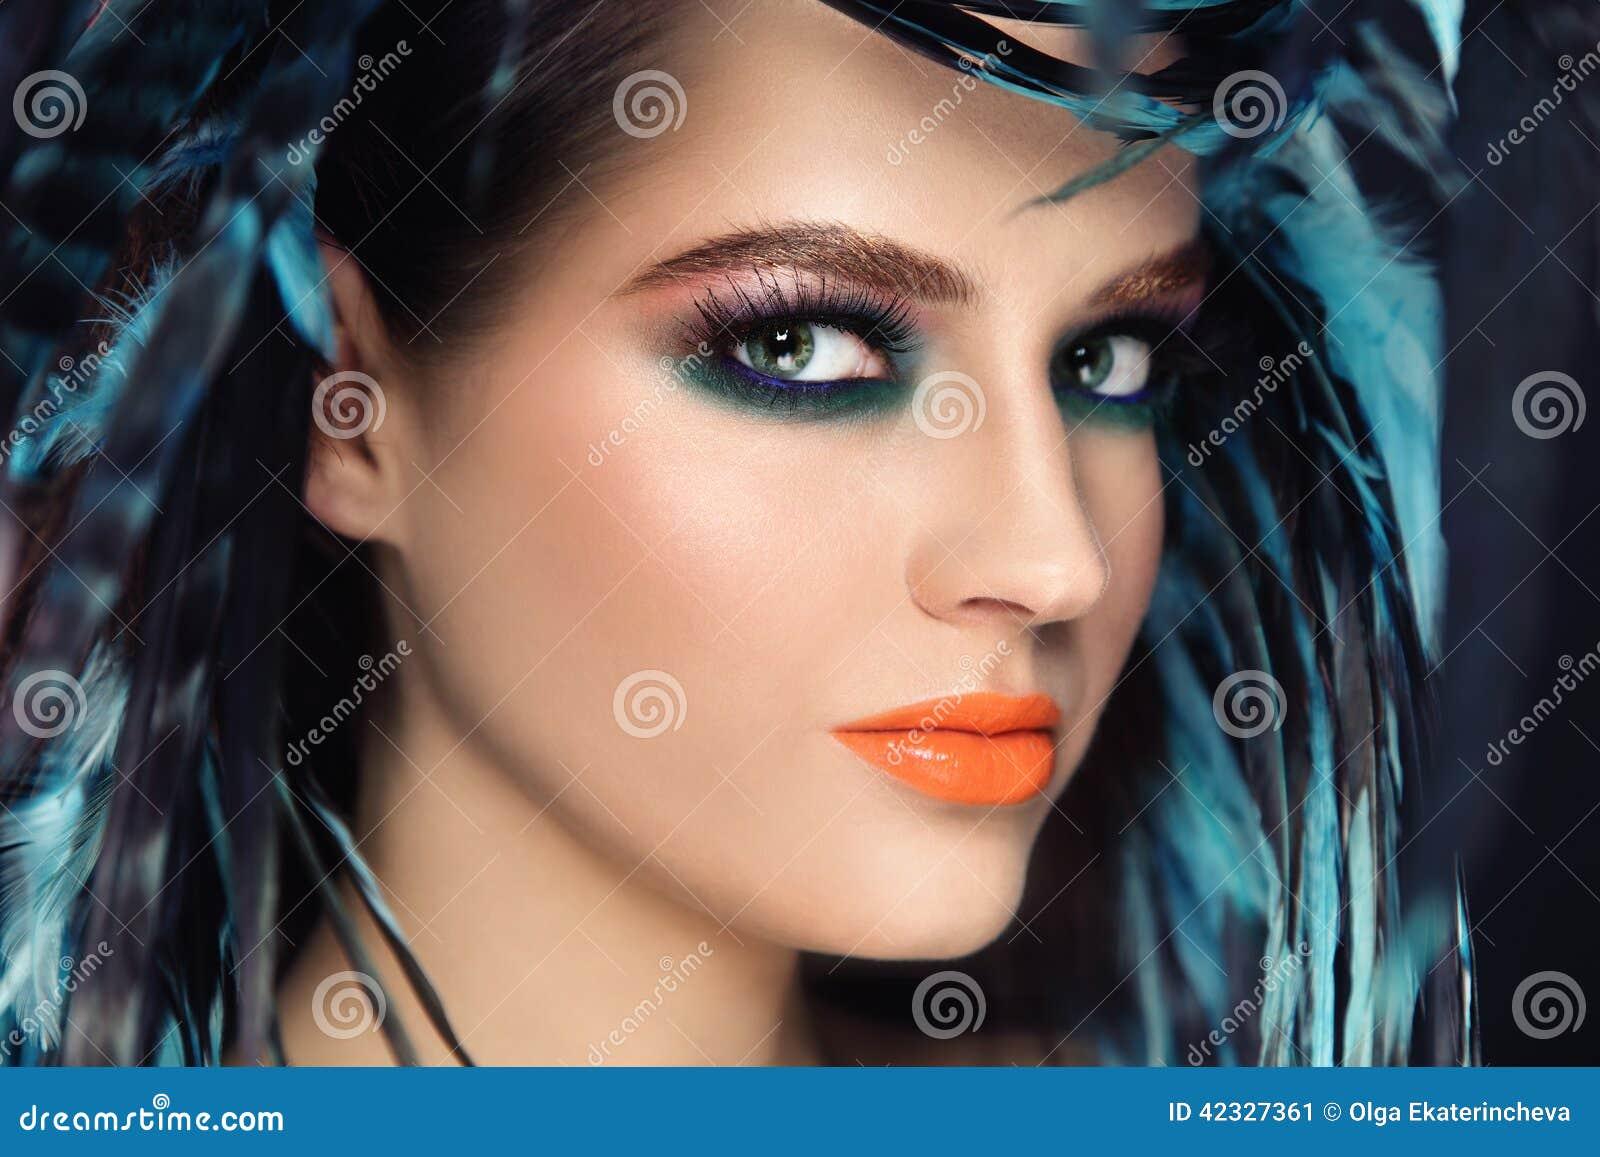 beleza-extica-42327361.jpg